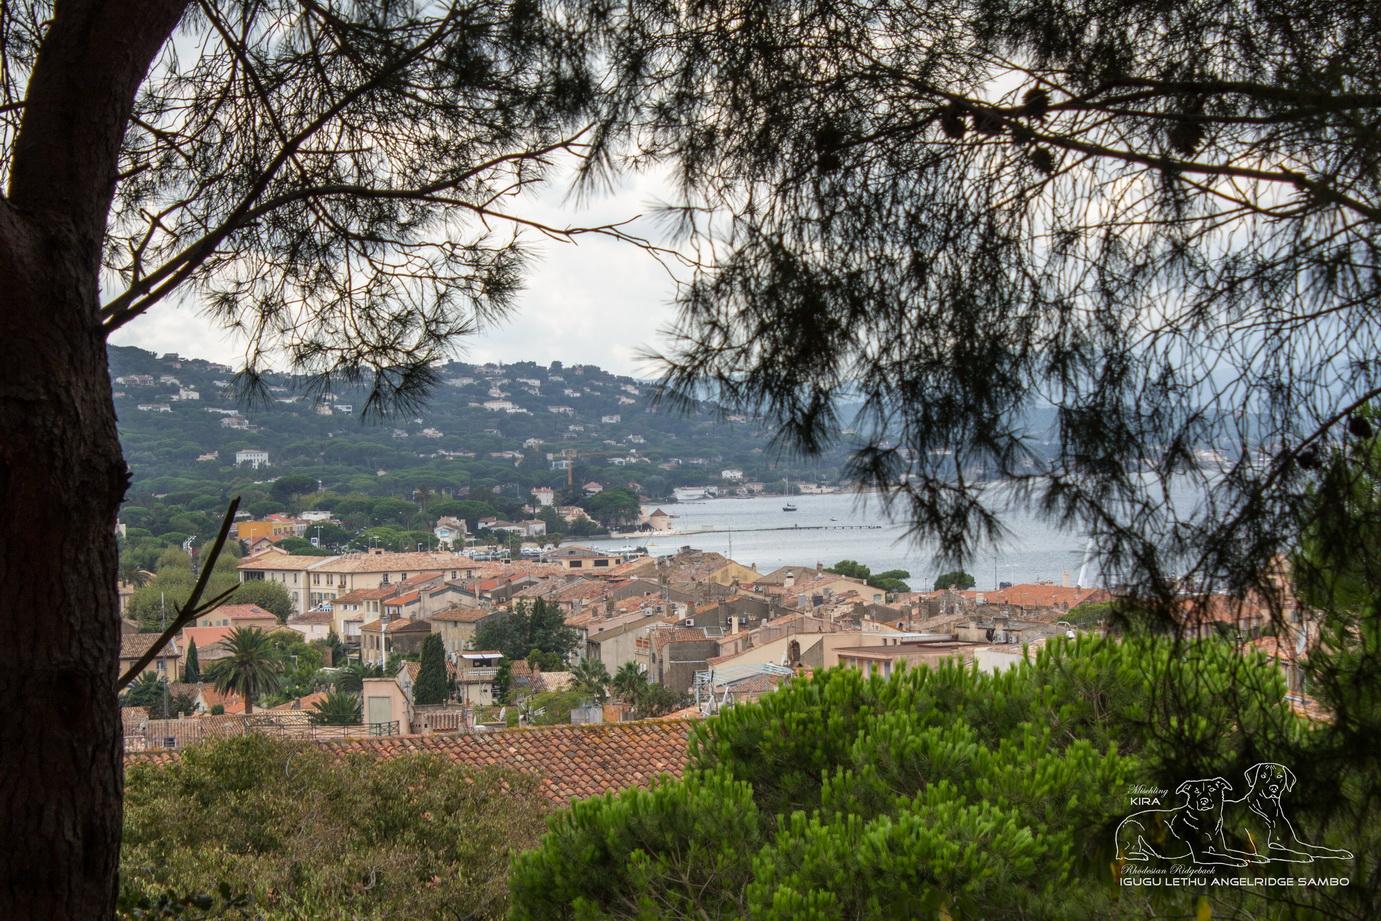 Pfeiffers - Blick auf St Tropez